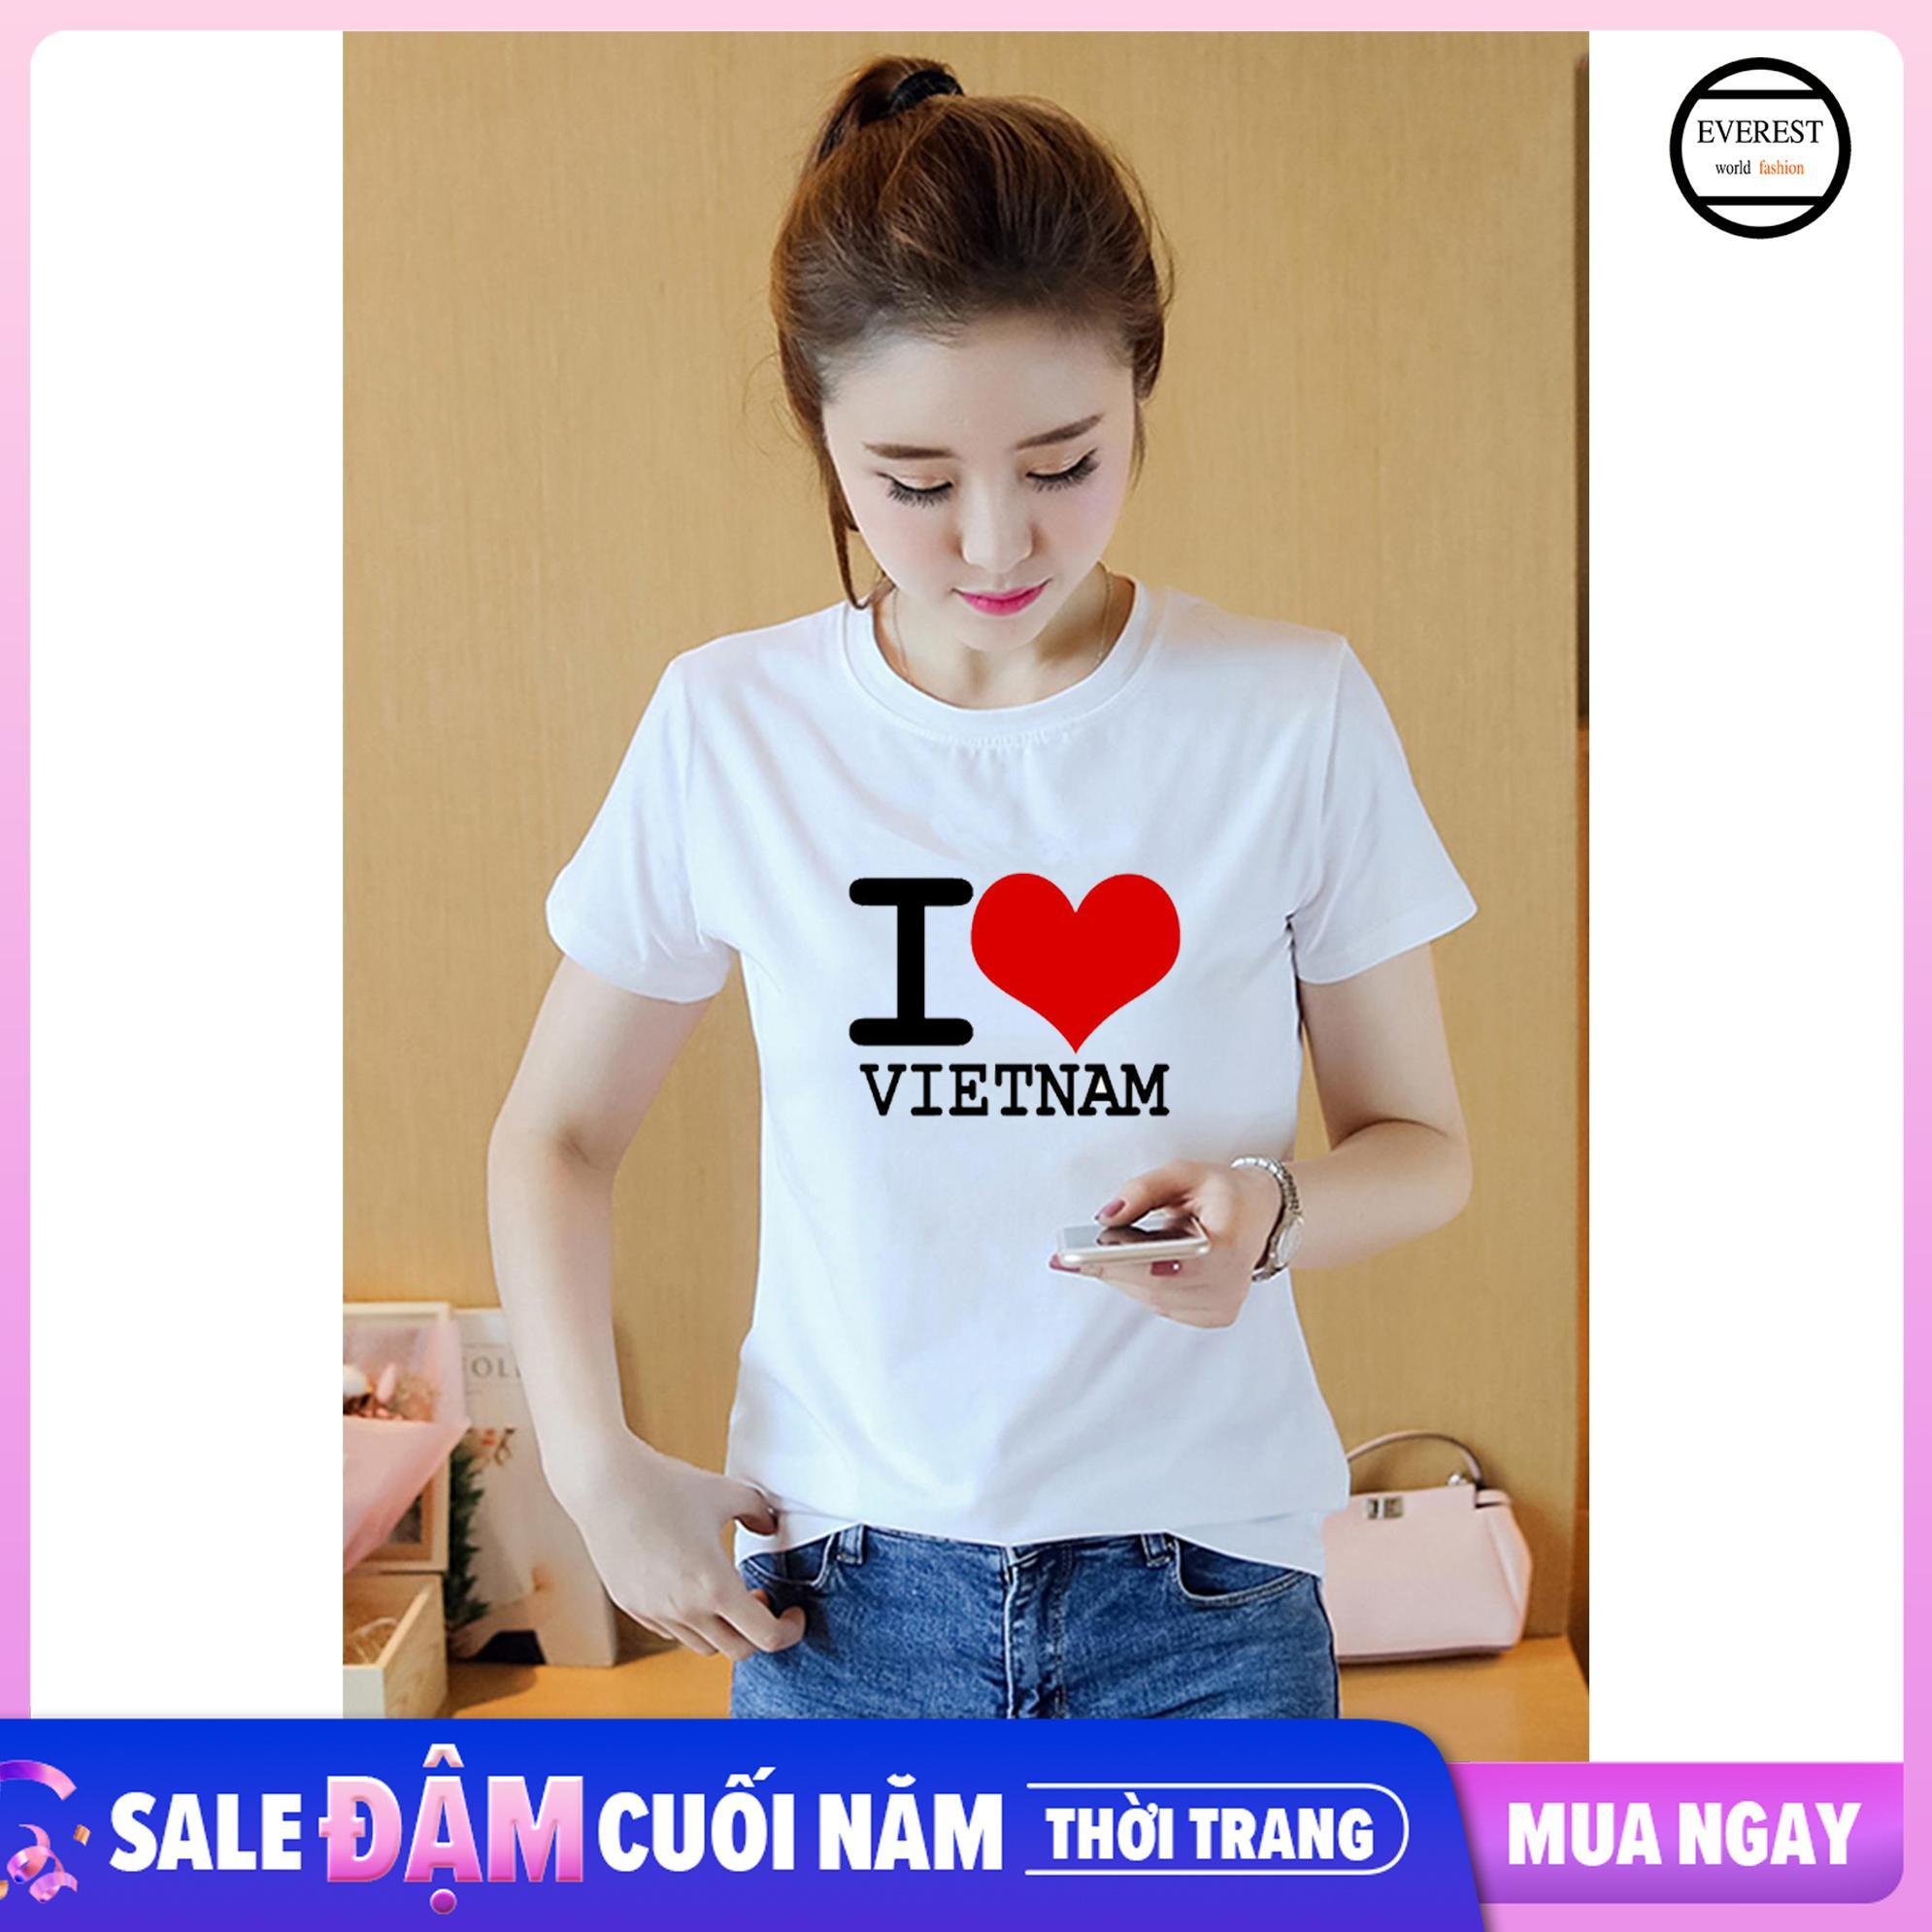 Áo Thun Nữ Tôi Yêu Việt Nam Vải Dày Mịn AoK1577 Giá Rẻ Nhất Thị Trường